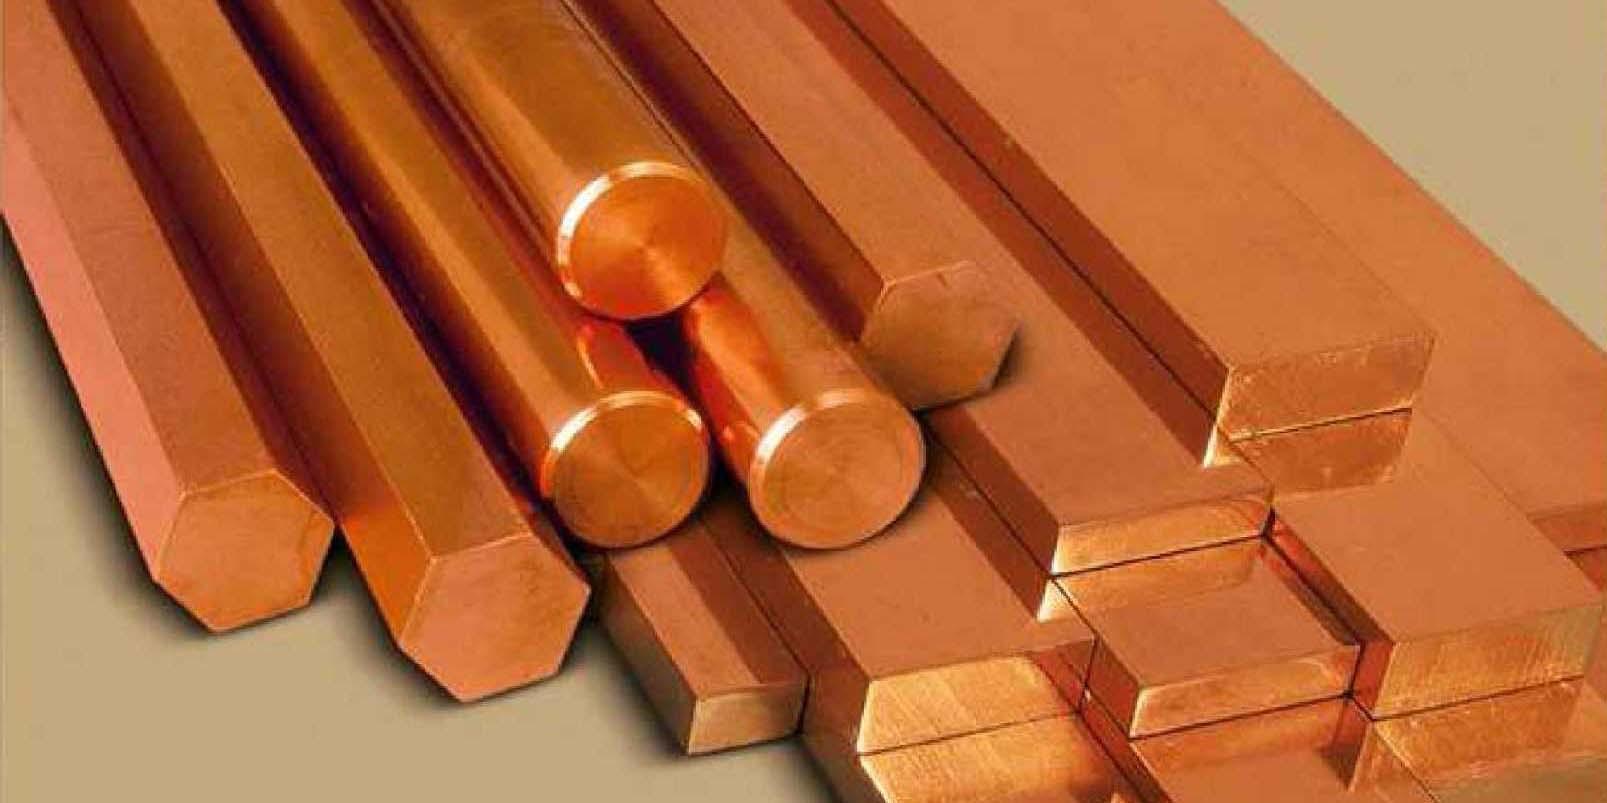 تولیدکنندگان فلزات تغییر رنگ میدهند